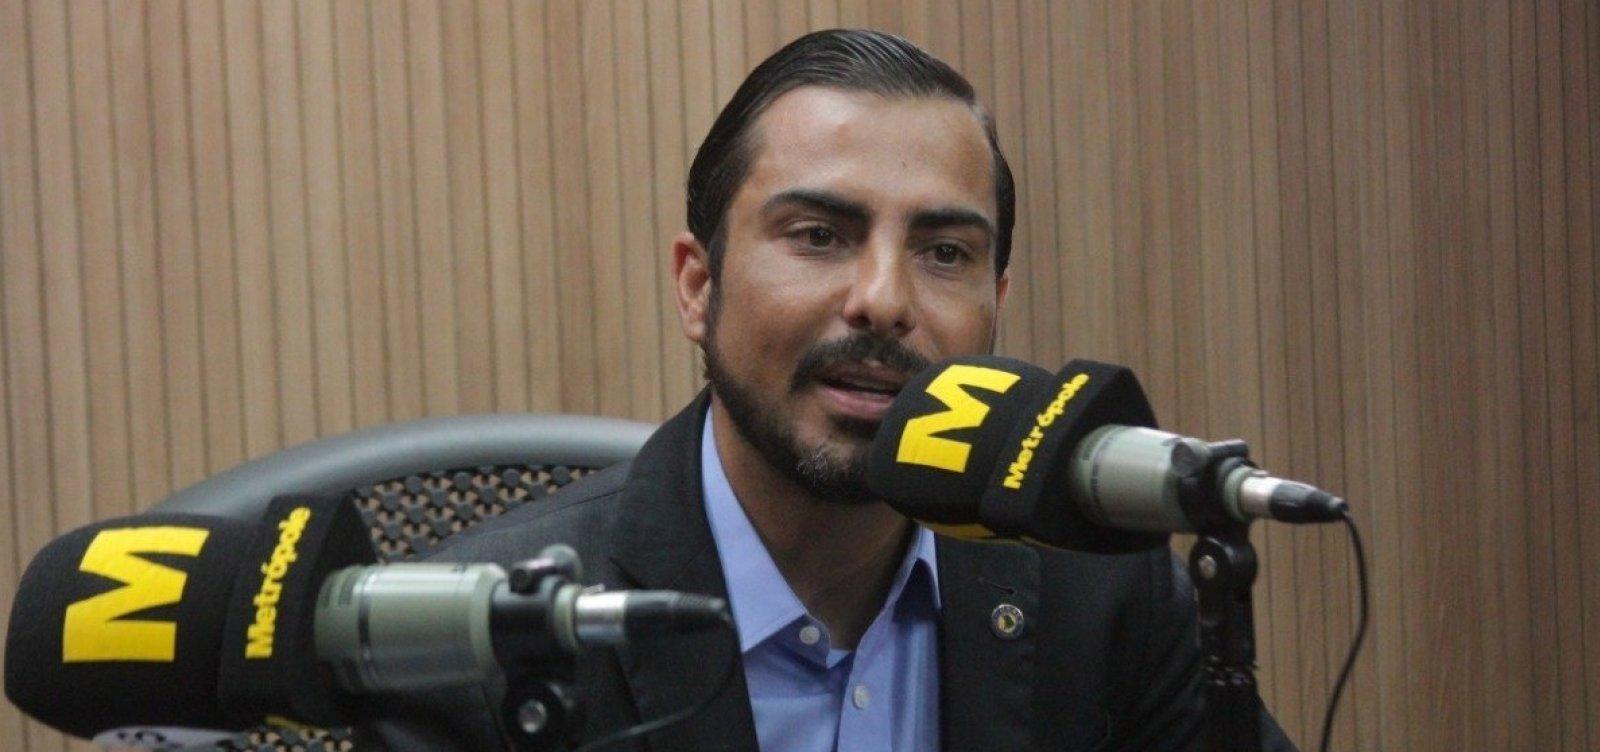 [Justiça ordena que assessoras de Marcell Moraes removam publicações que acusam ex-assessor de agressão]